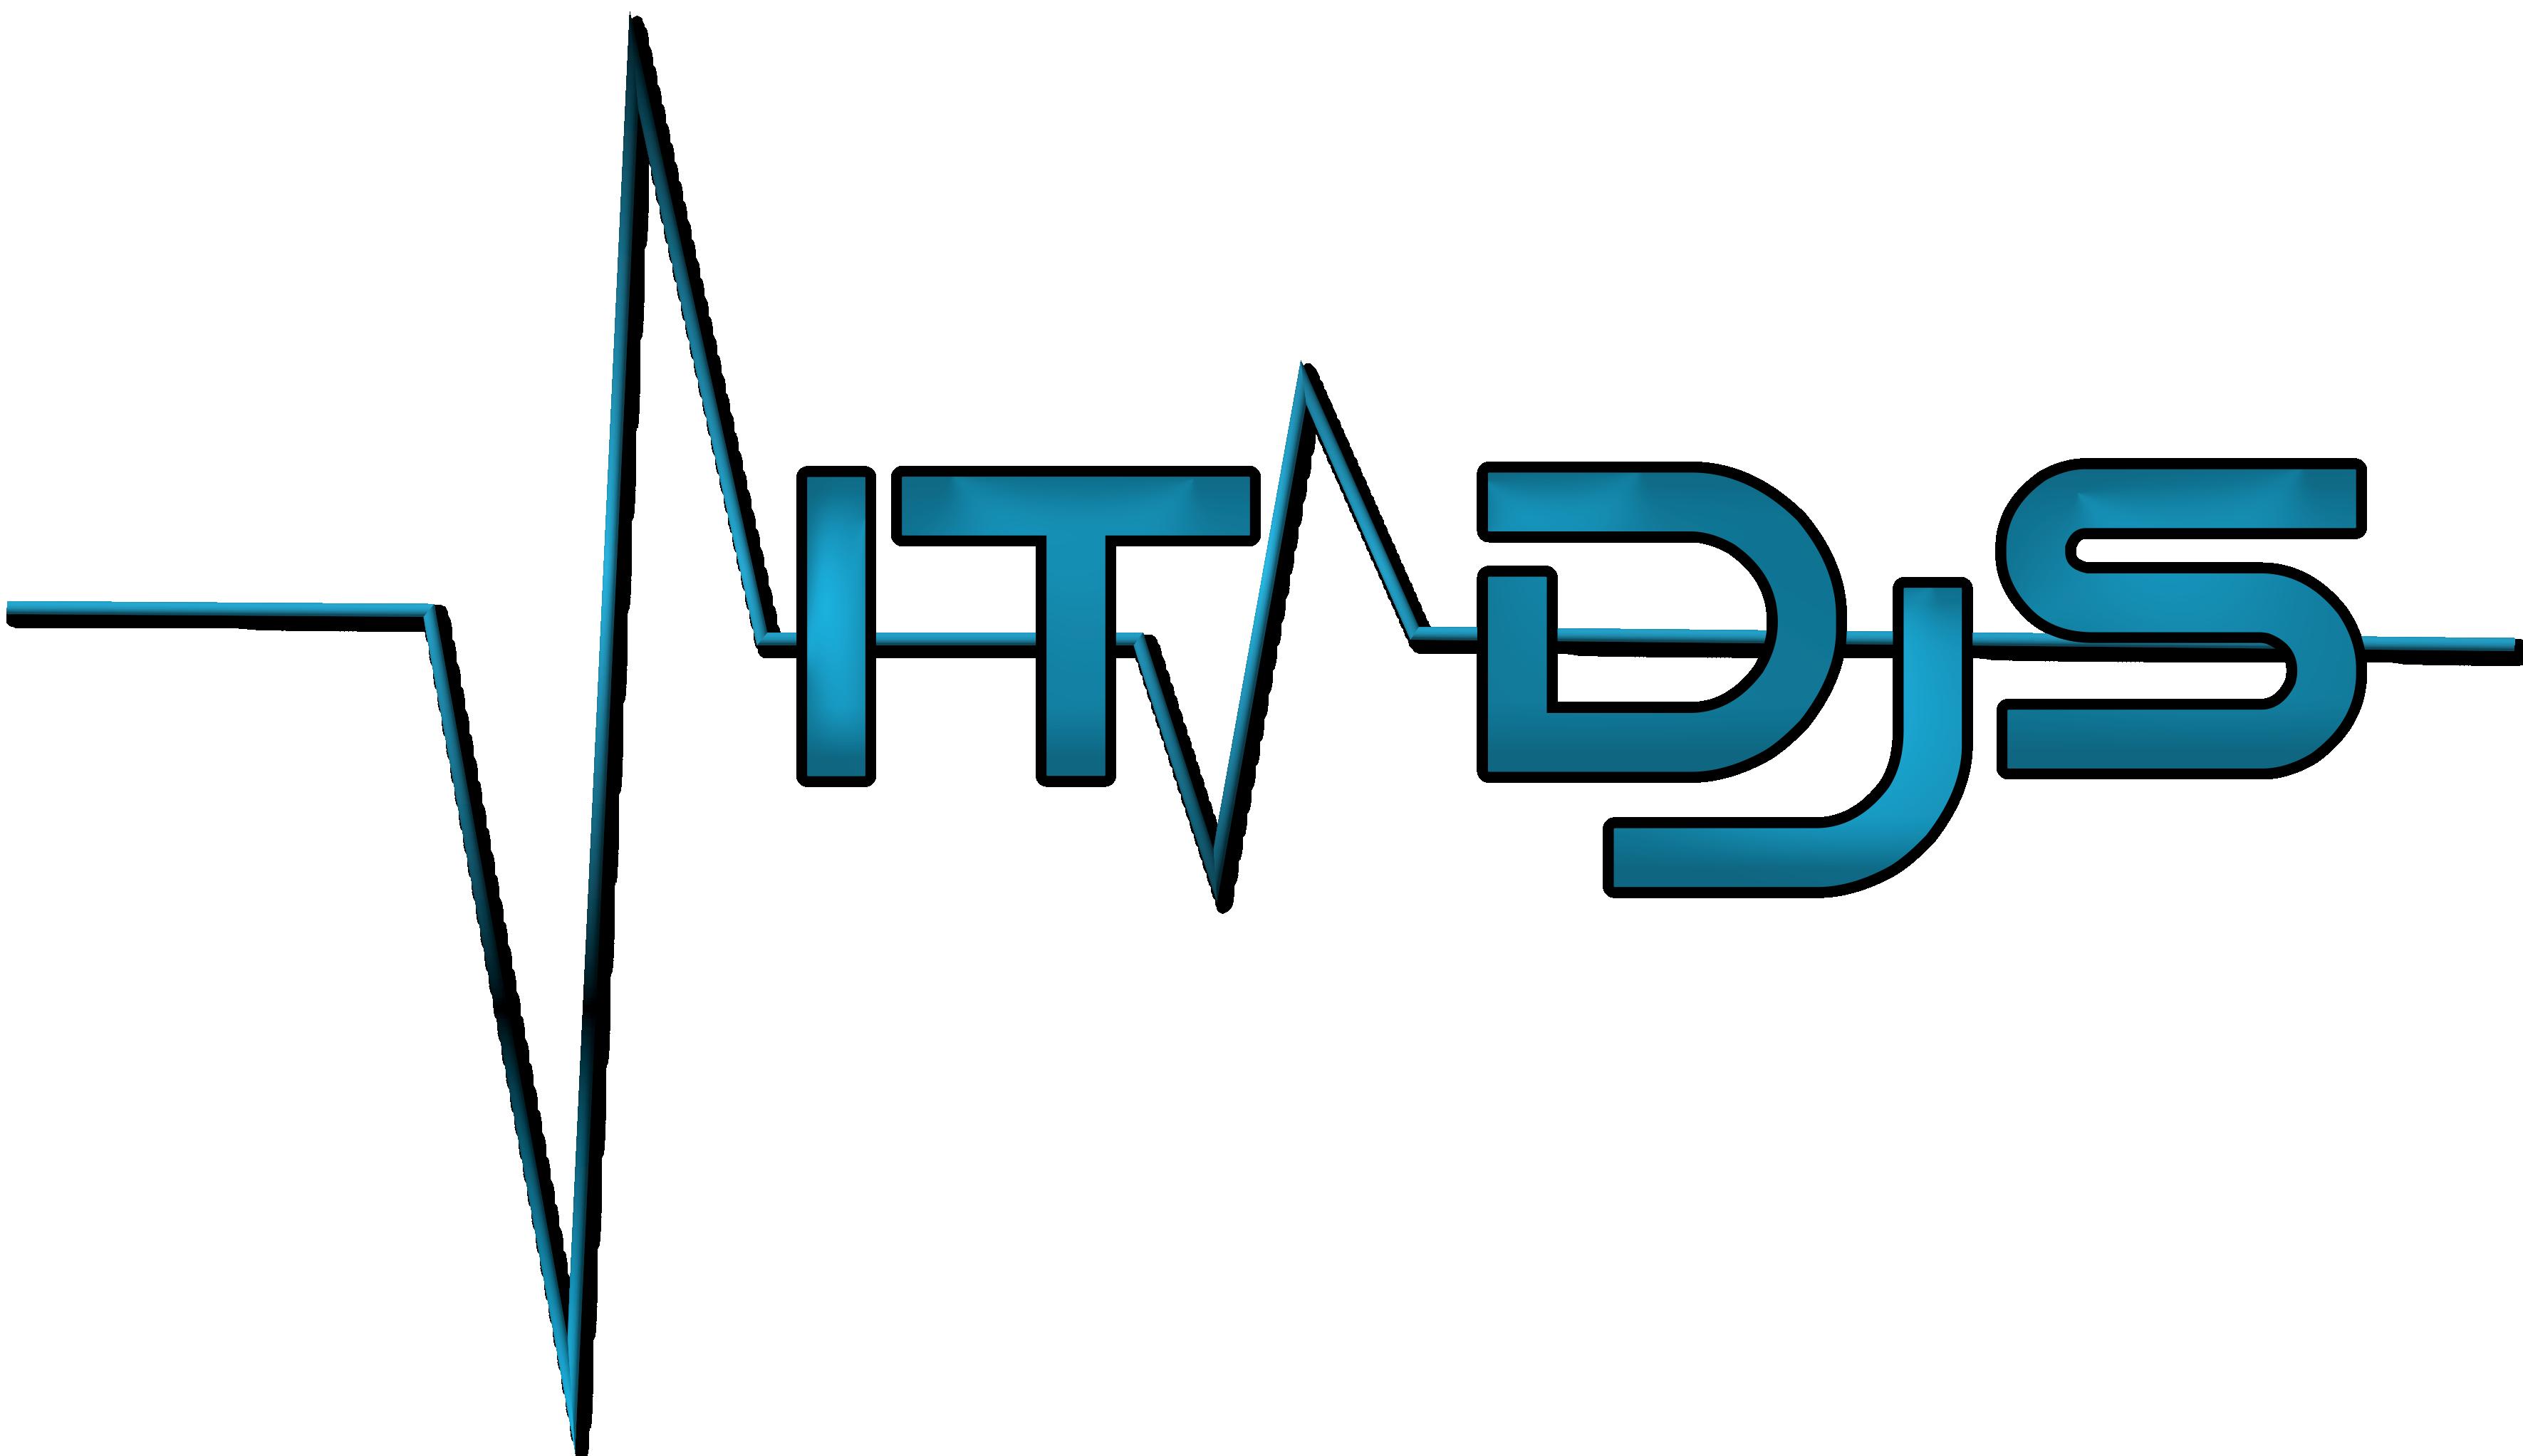 IT DJs